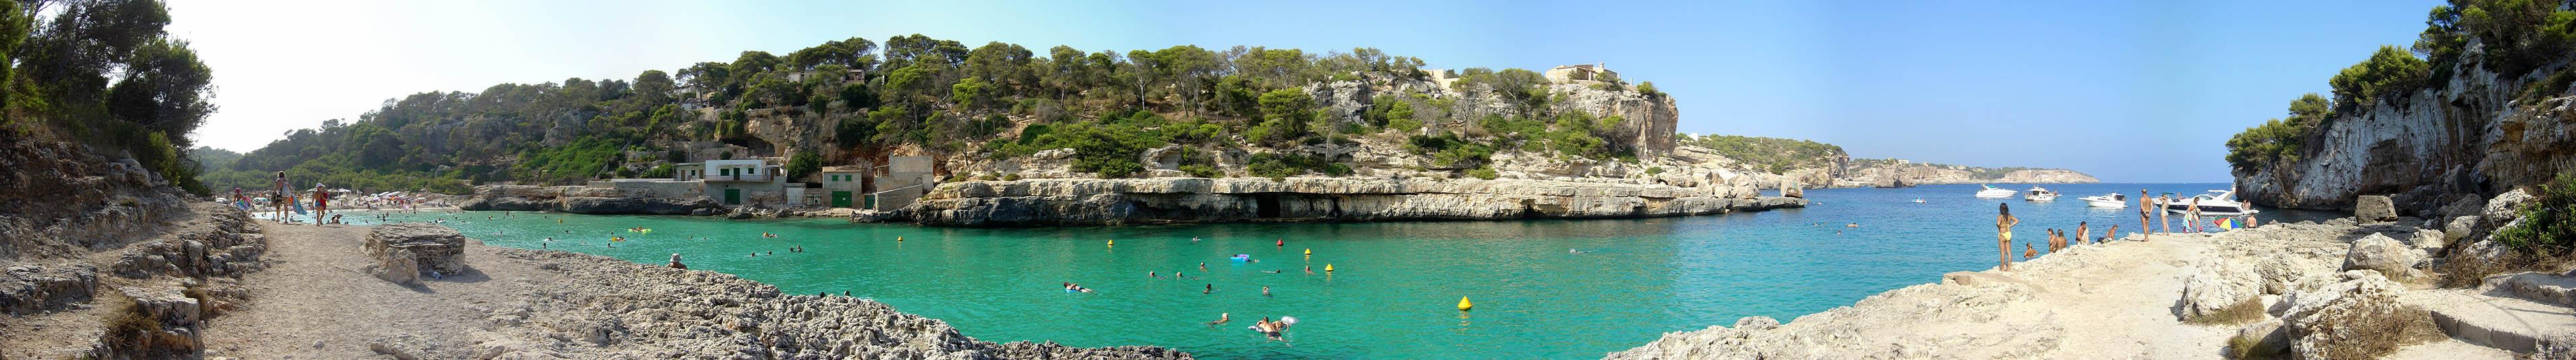 Foto playa Caló Santanyí / Caló de ses Agulles / sa Bagasseta. Cala Llombards